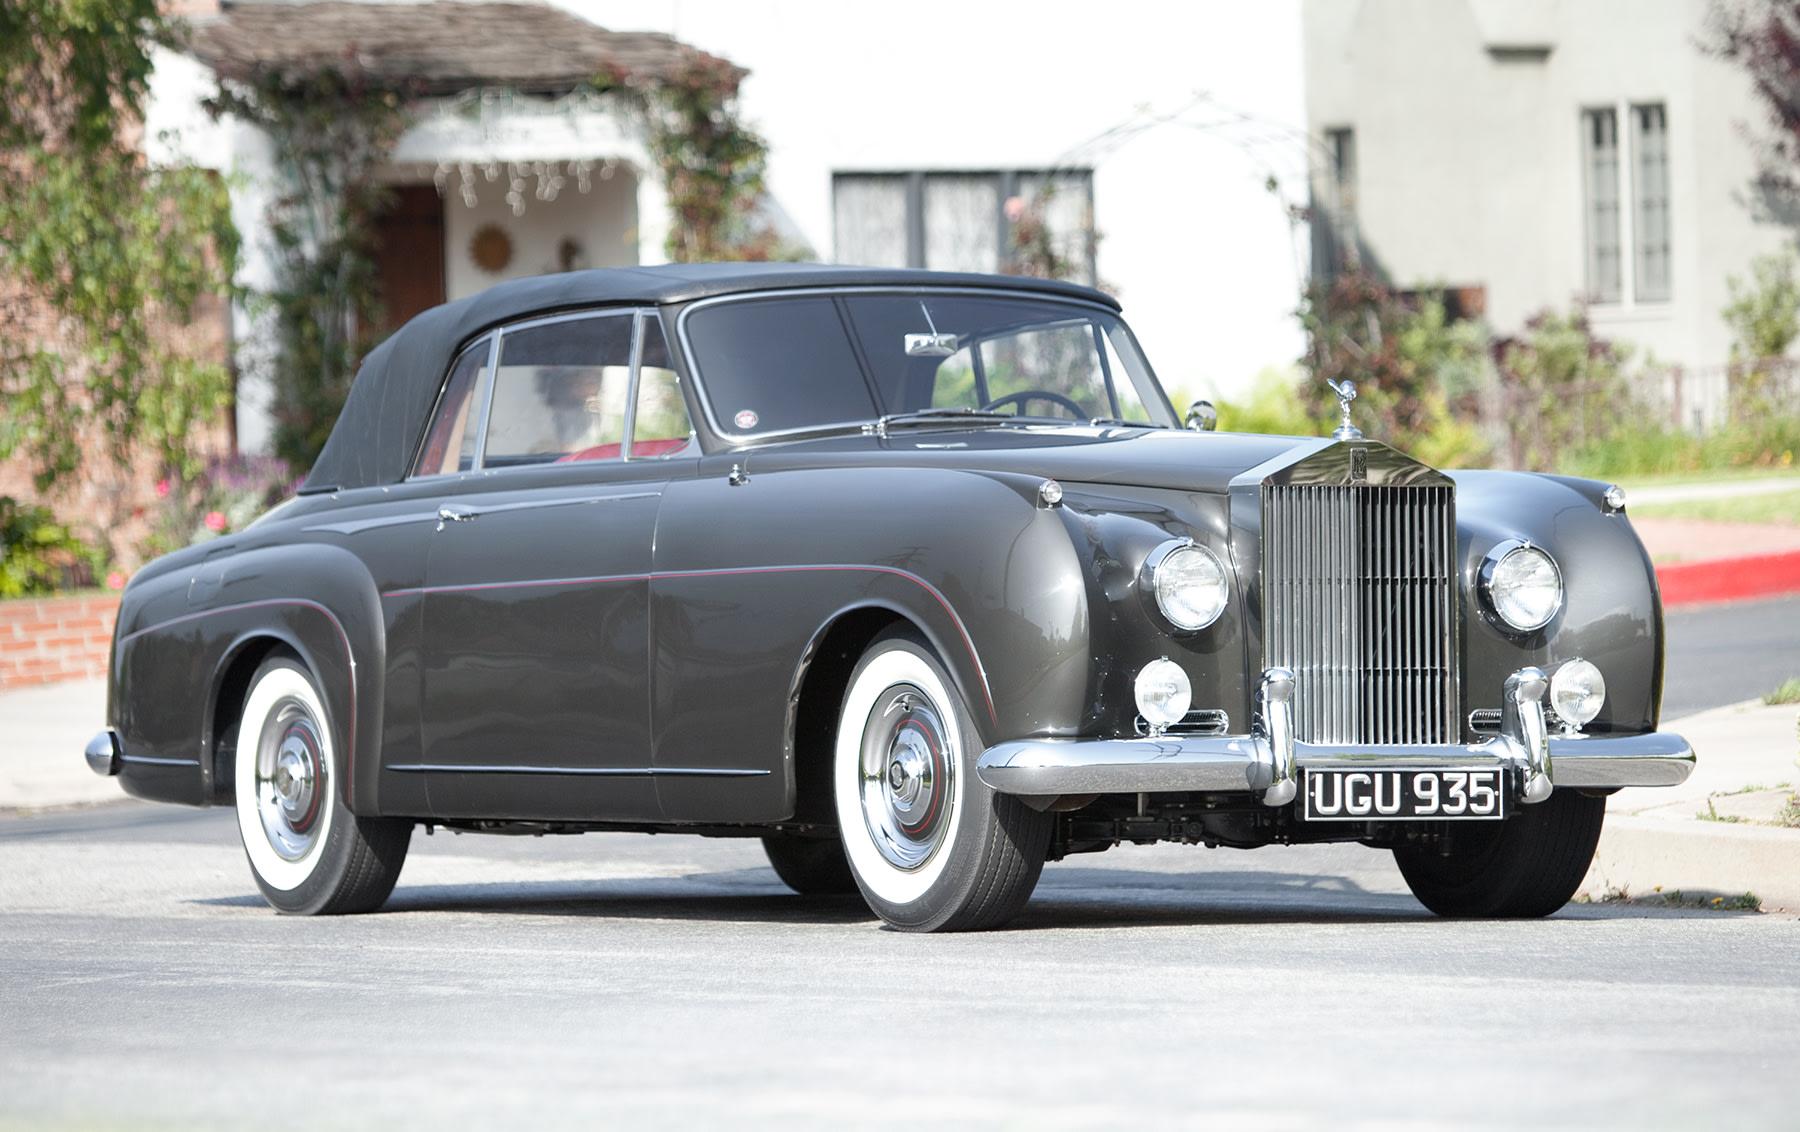 1958 Rolls-Royce Silver Cloud I Drop Head Coupe